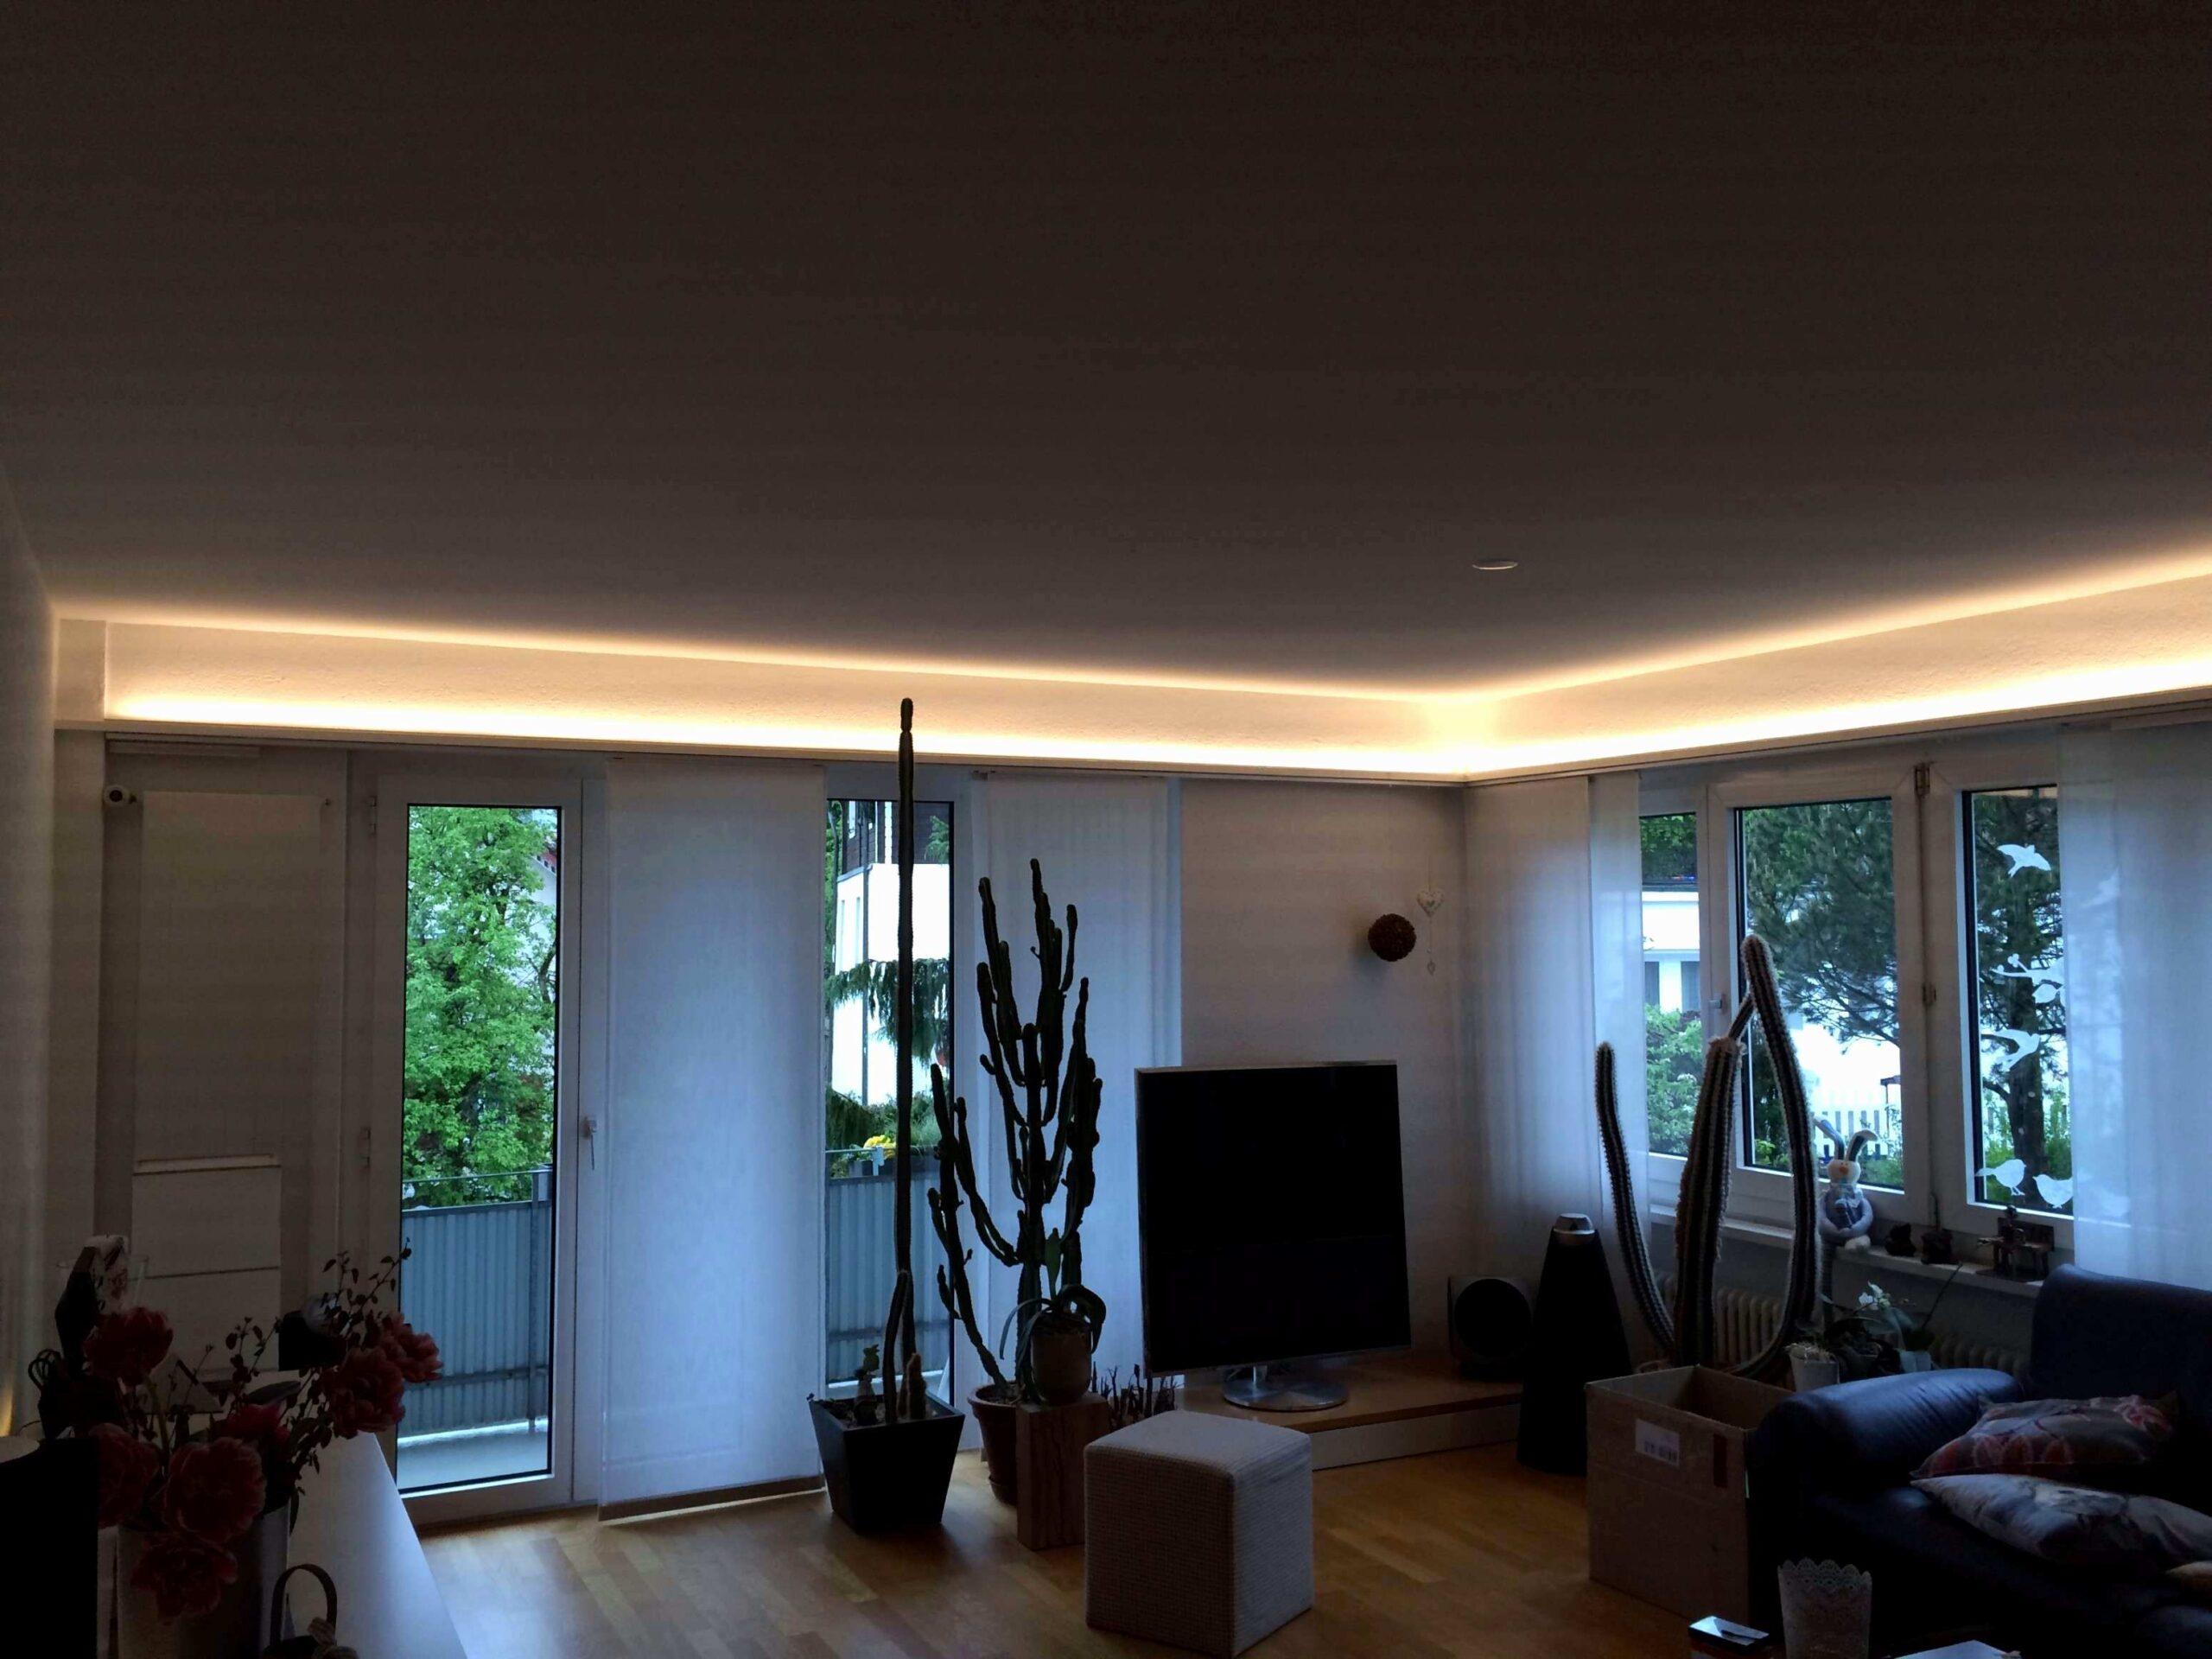 Full Size of Decke Beleuchtung Wohnzimmer Ideen 59 Einzigartig Indirekte Deckenbeleuchtung Das Beste Deckenlampen Modern Deckenlampe Esstisch Wohnwand Stehlampe Wohnzimmer Decke Beleuchtung Wohnzimmer Ideen